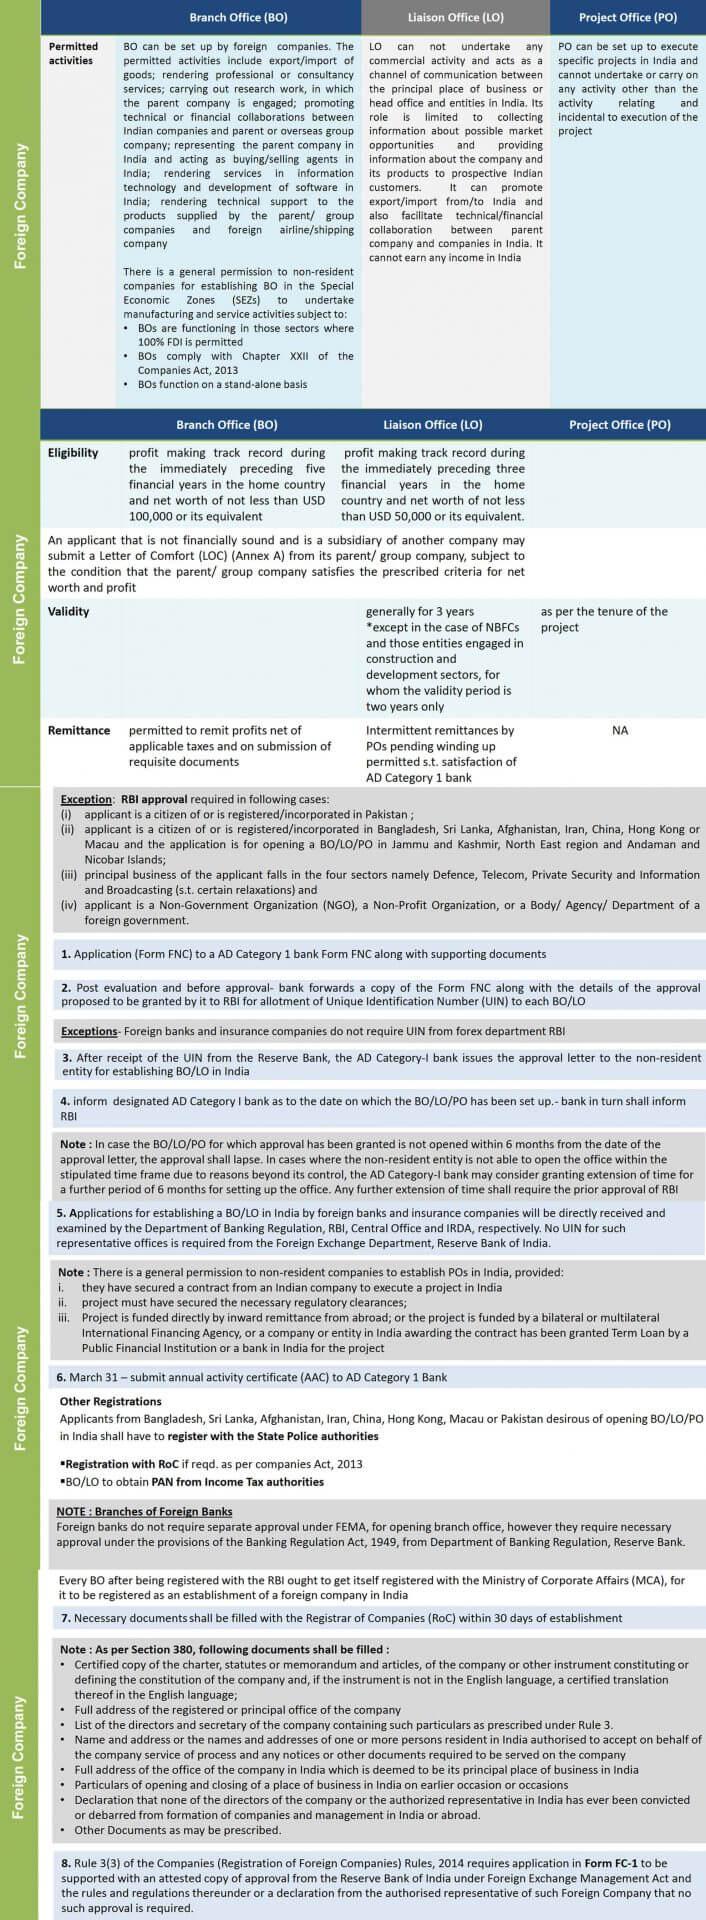 註冊印度公司:投資印度的外國人,可以在印度設立什麼公司?